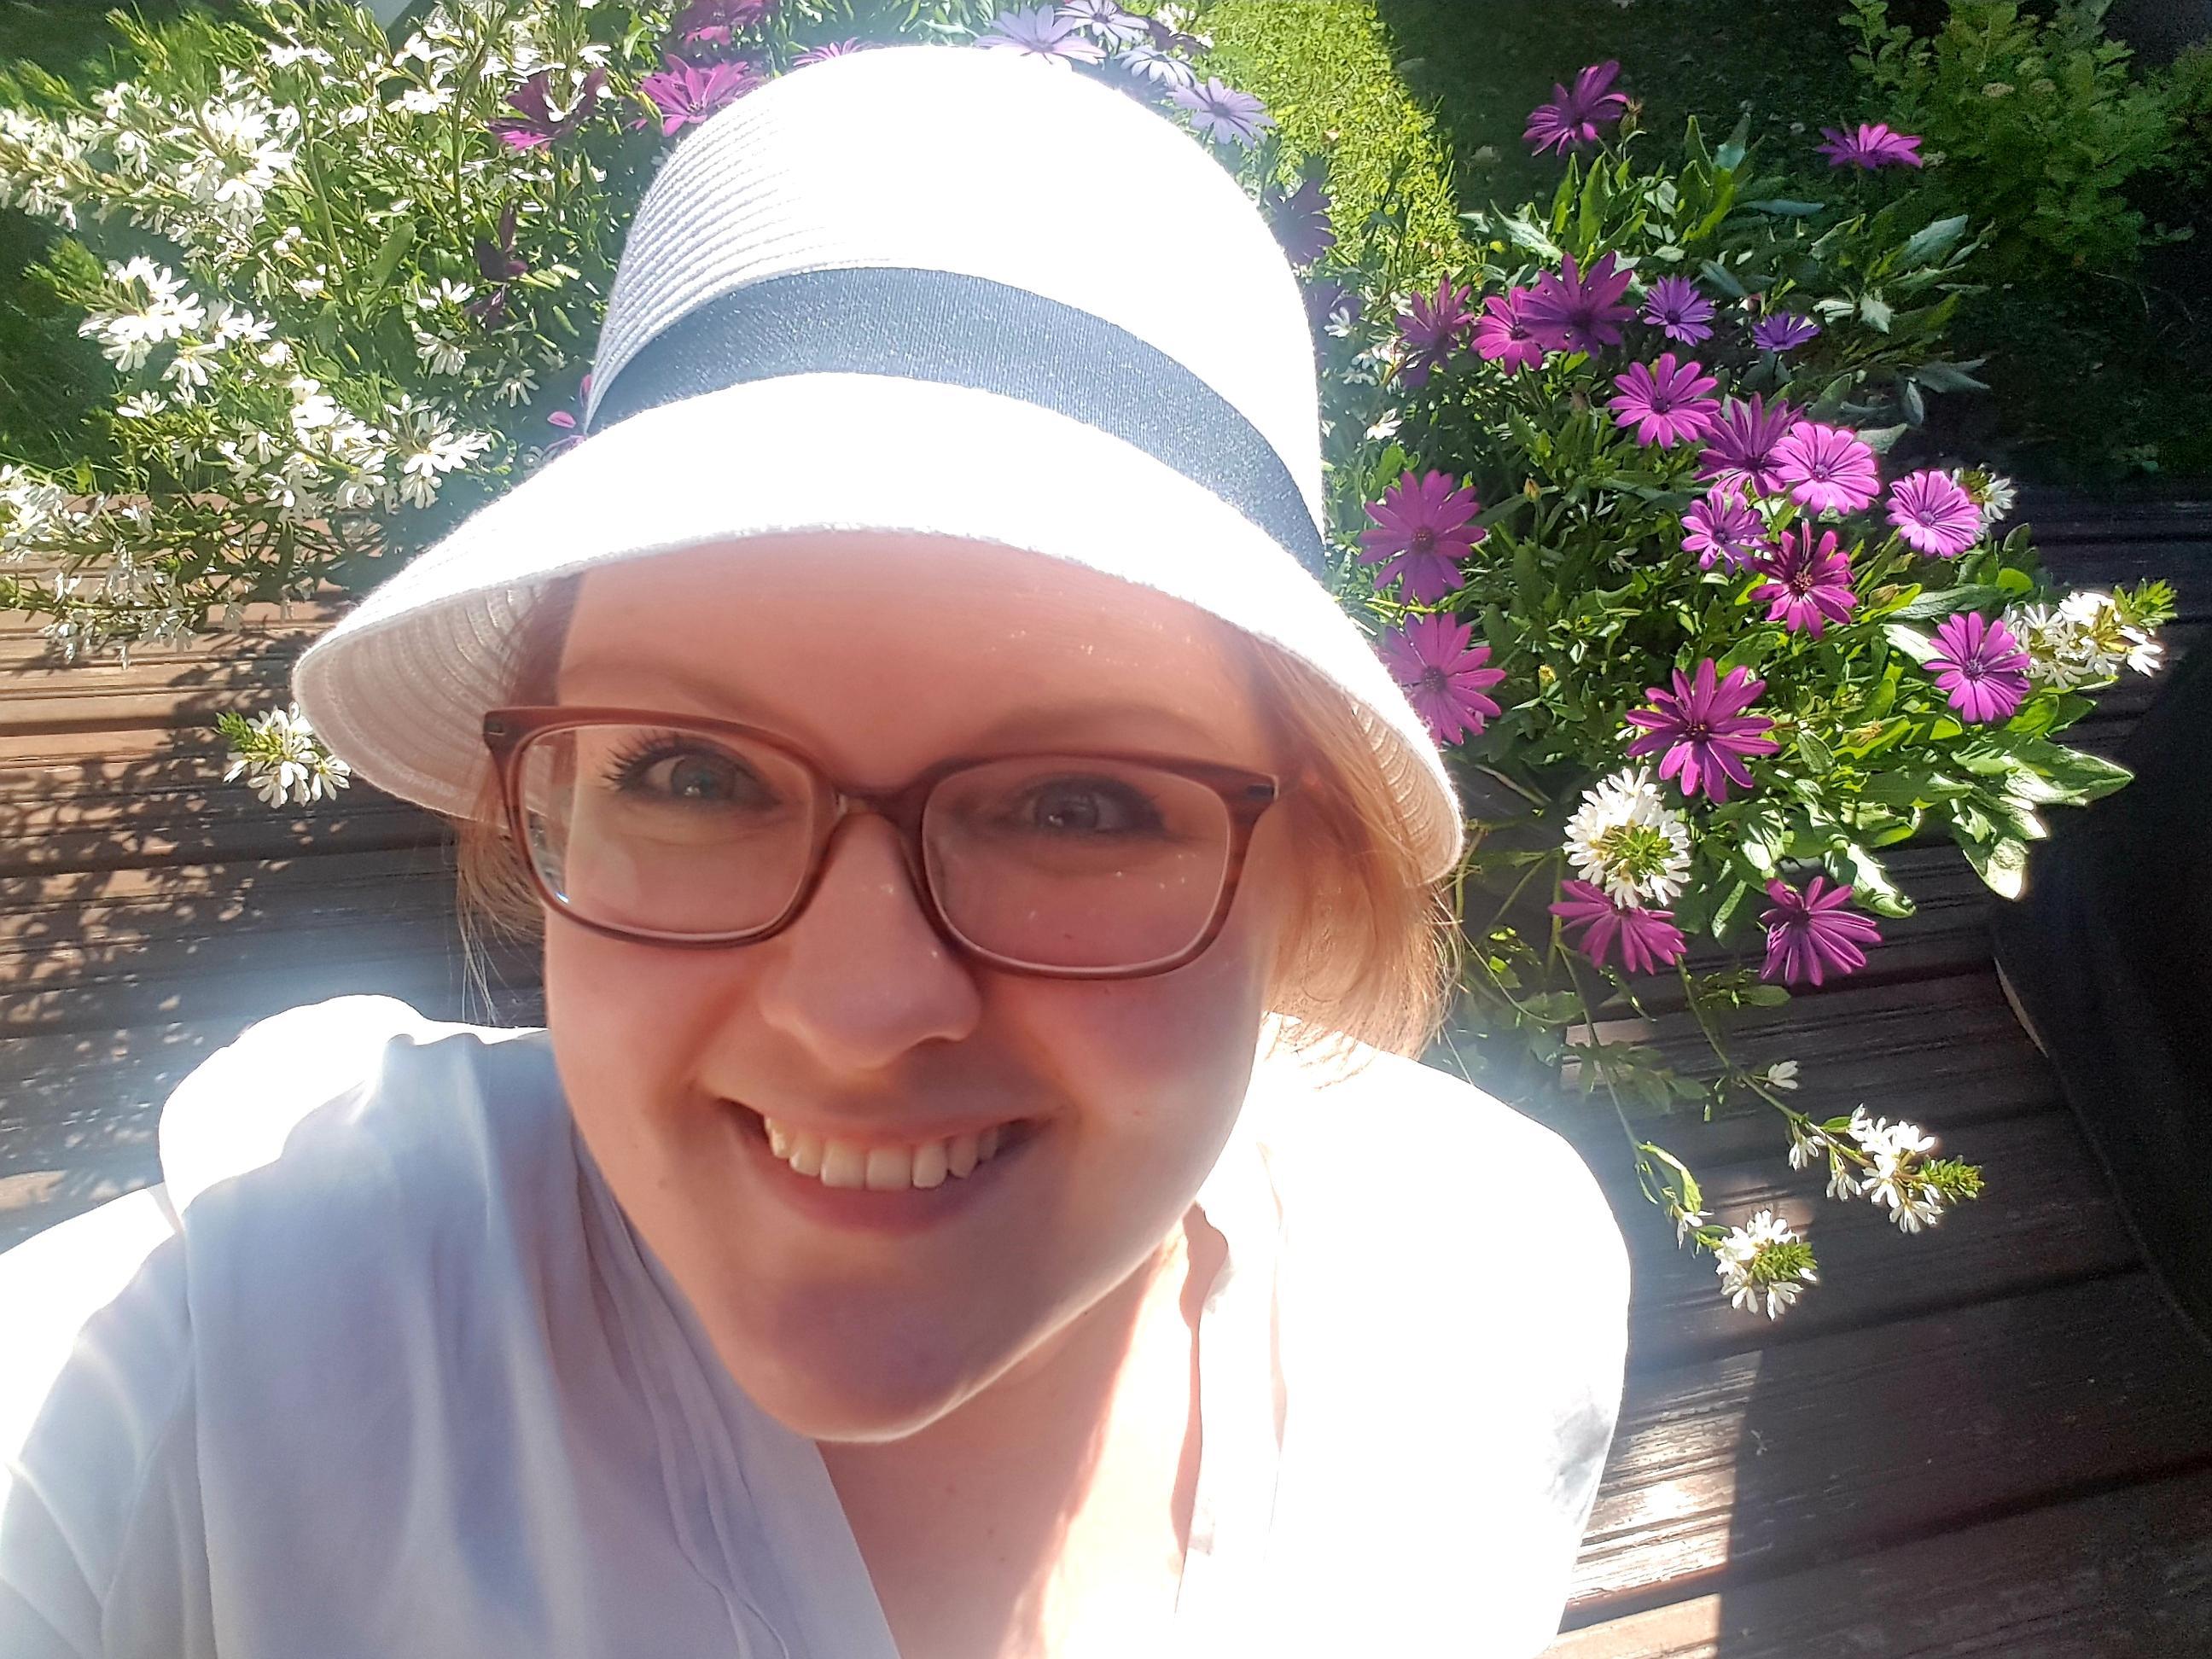 eroakiireesta_Heidi Manninen_Pertunmaa_Mikkelin seutu_MTV3